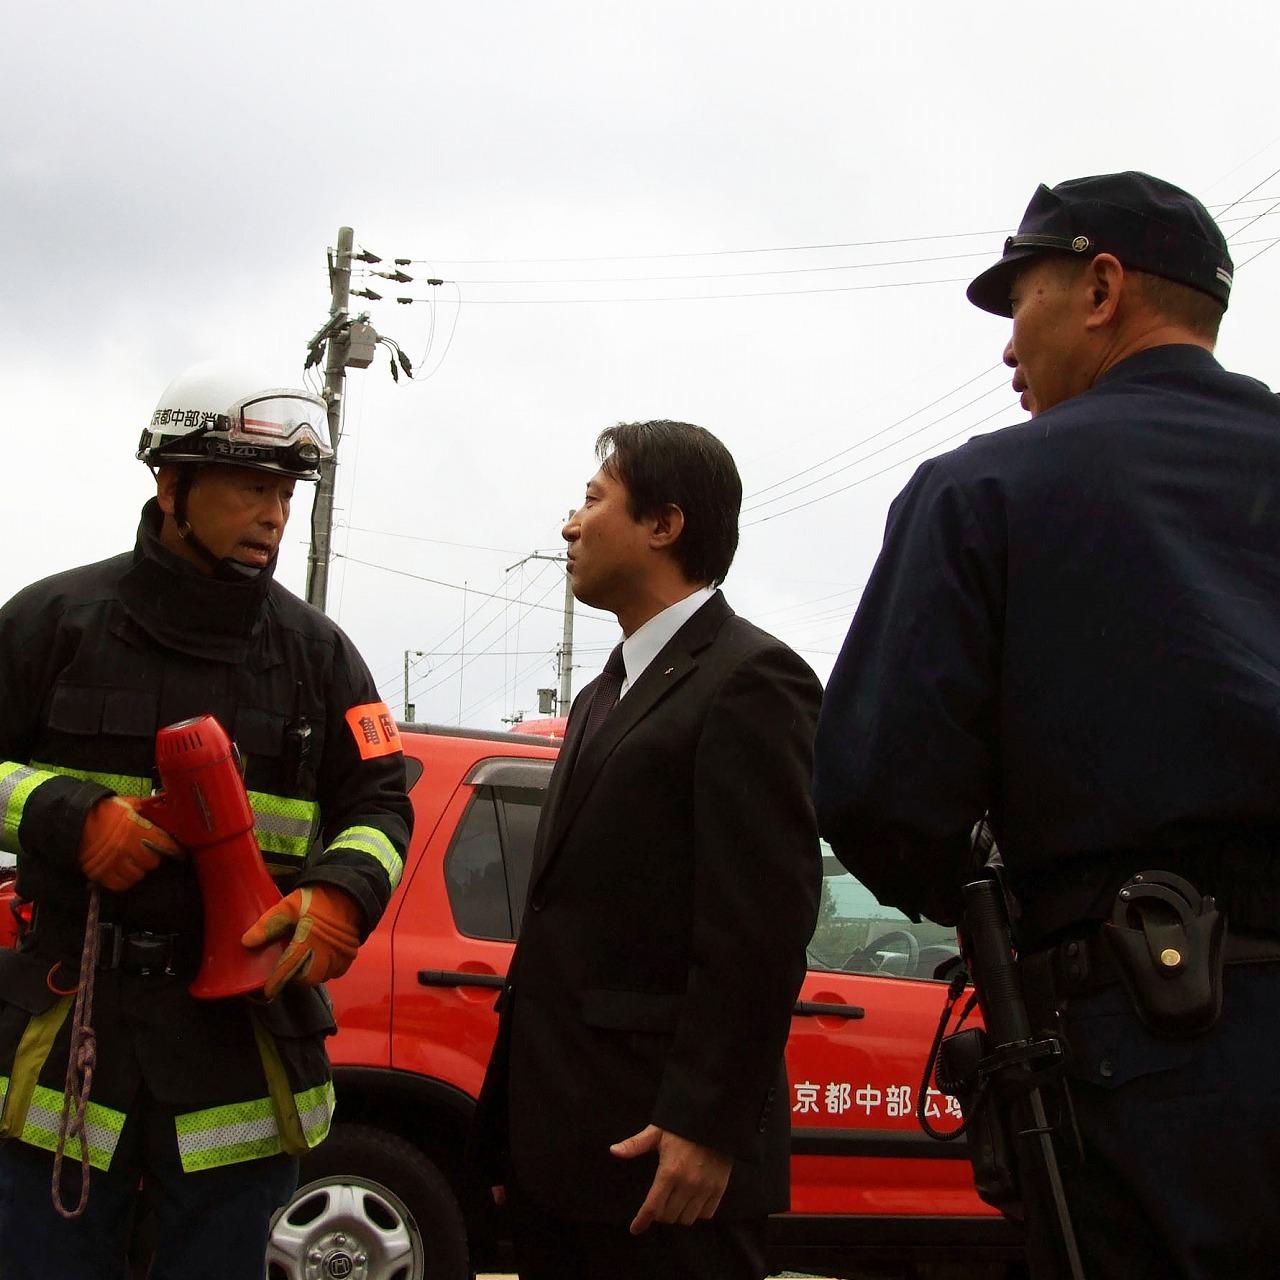 消防隊への報告